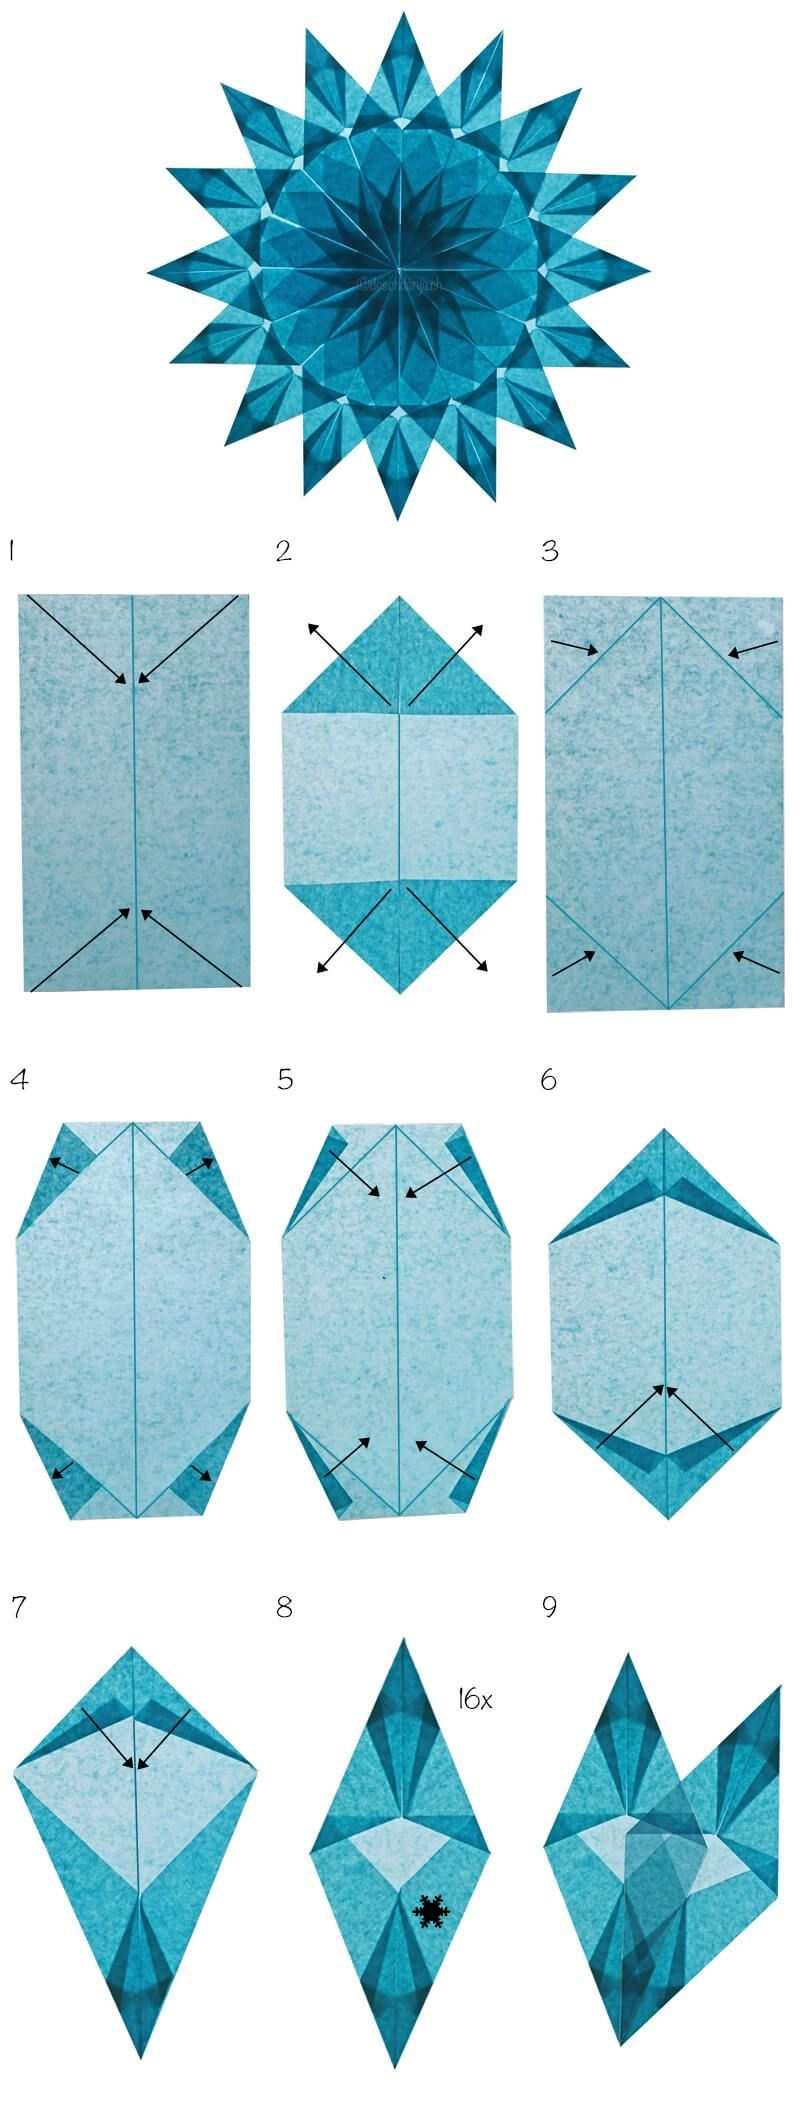 Fensterstern Aus Seidenpapier Handmade Kultur Fenstersterne Basteln Weihnachtsstern Basteln Kunst Auf Papier